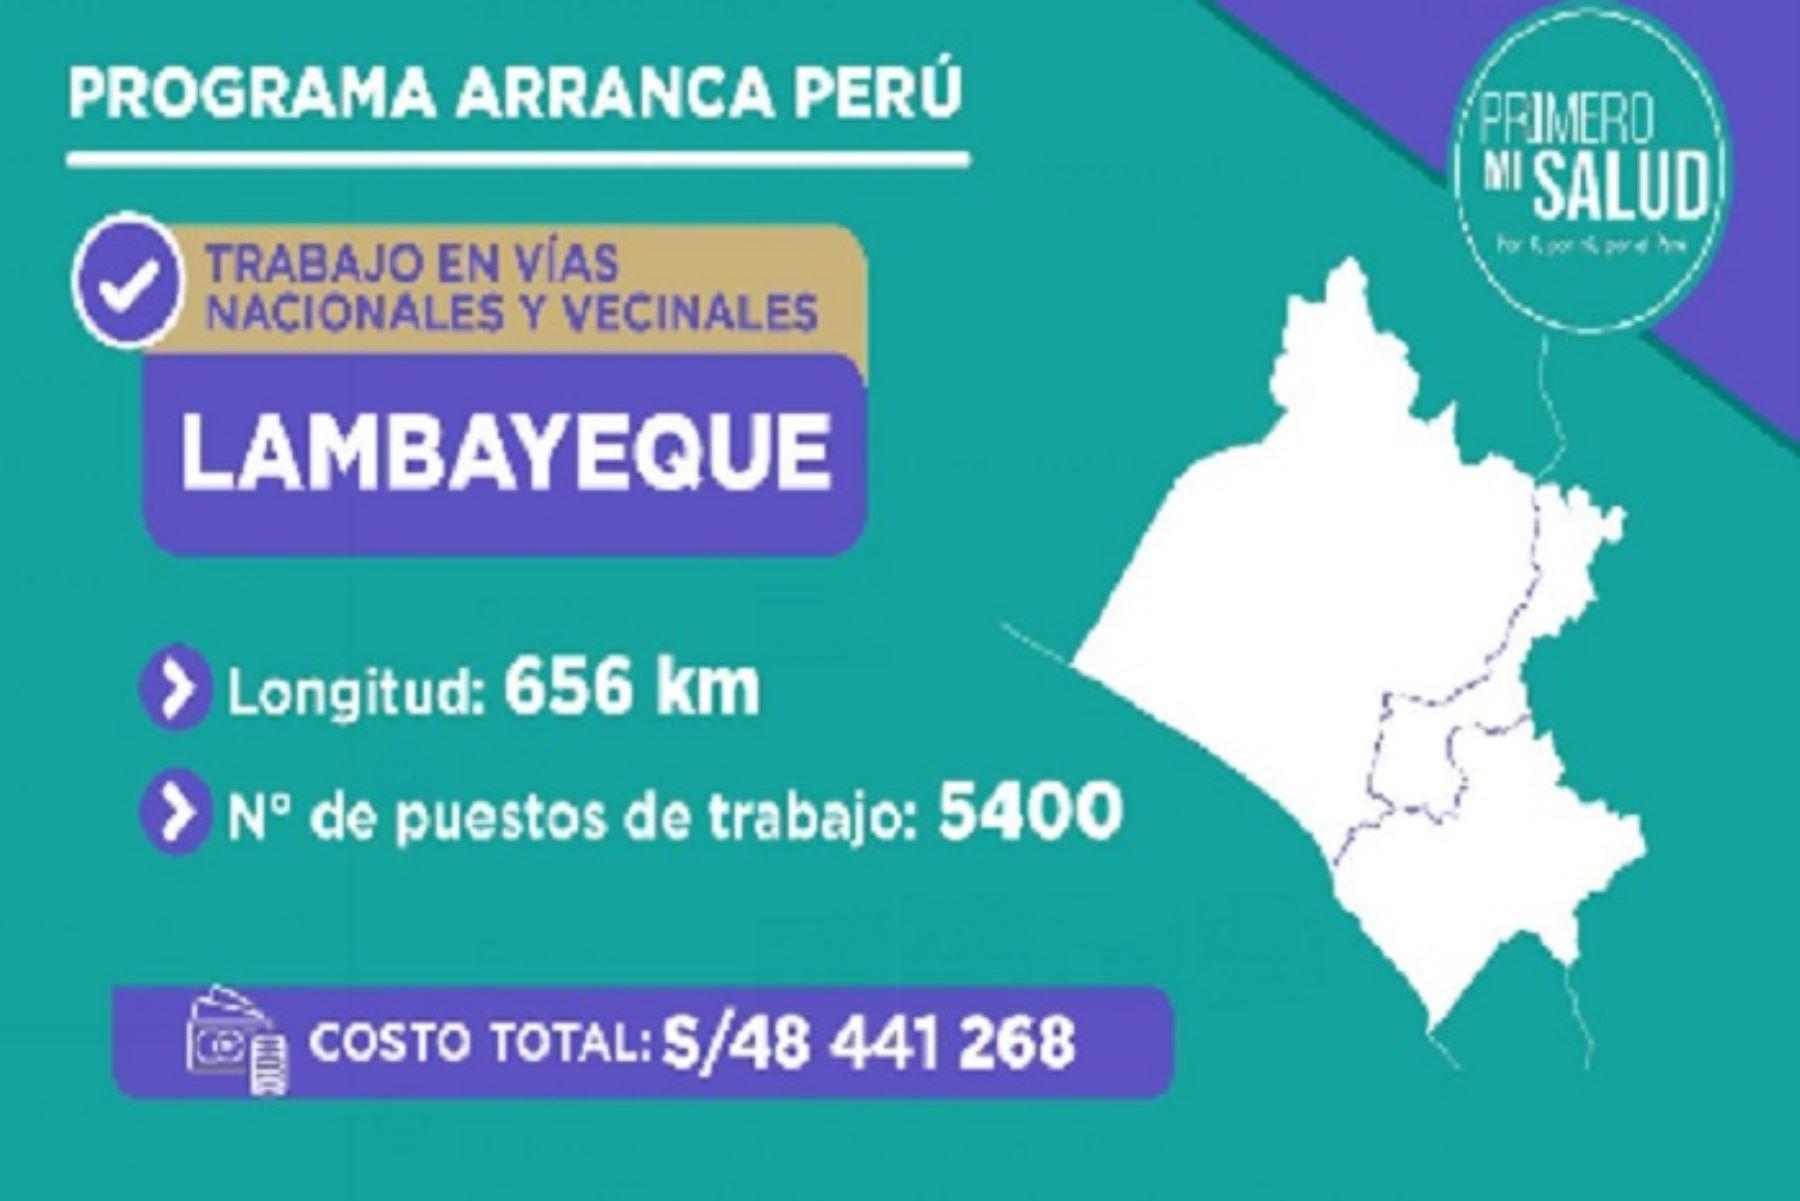 El Gobierno asignó más de S/ 48 millones para la ejecución de trabajos de mantenimiento vial en 656 kilómetros en Lambayeque.